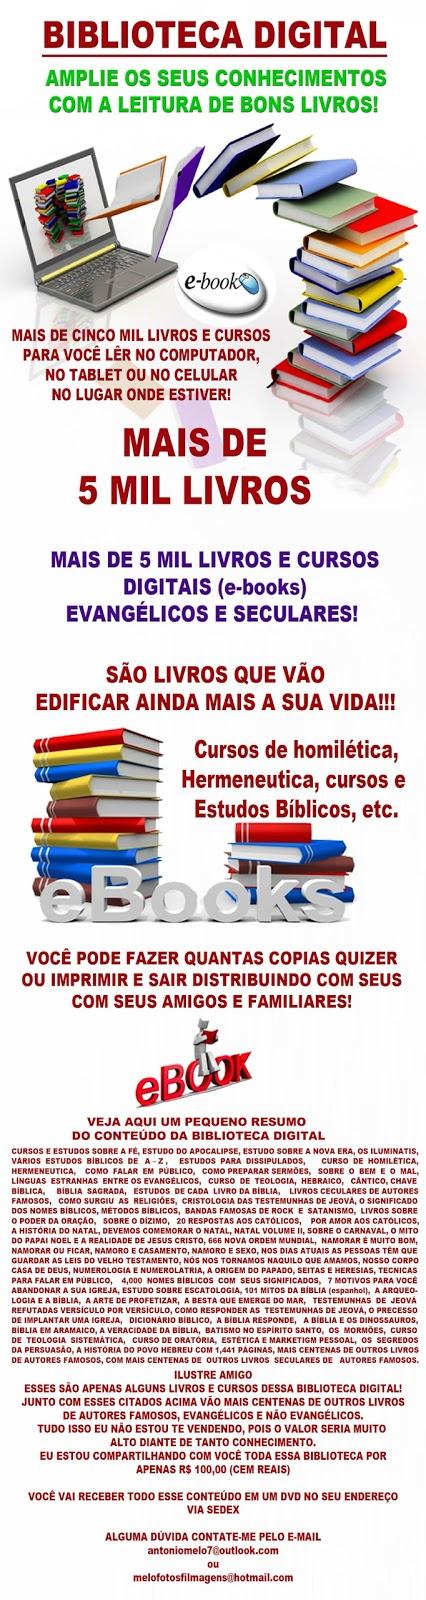 Enem, cursos, vestibular, concurso, prova, teste, ensino médio, Amor, livros, Deus,